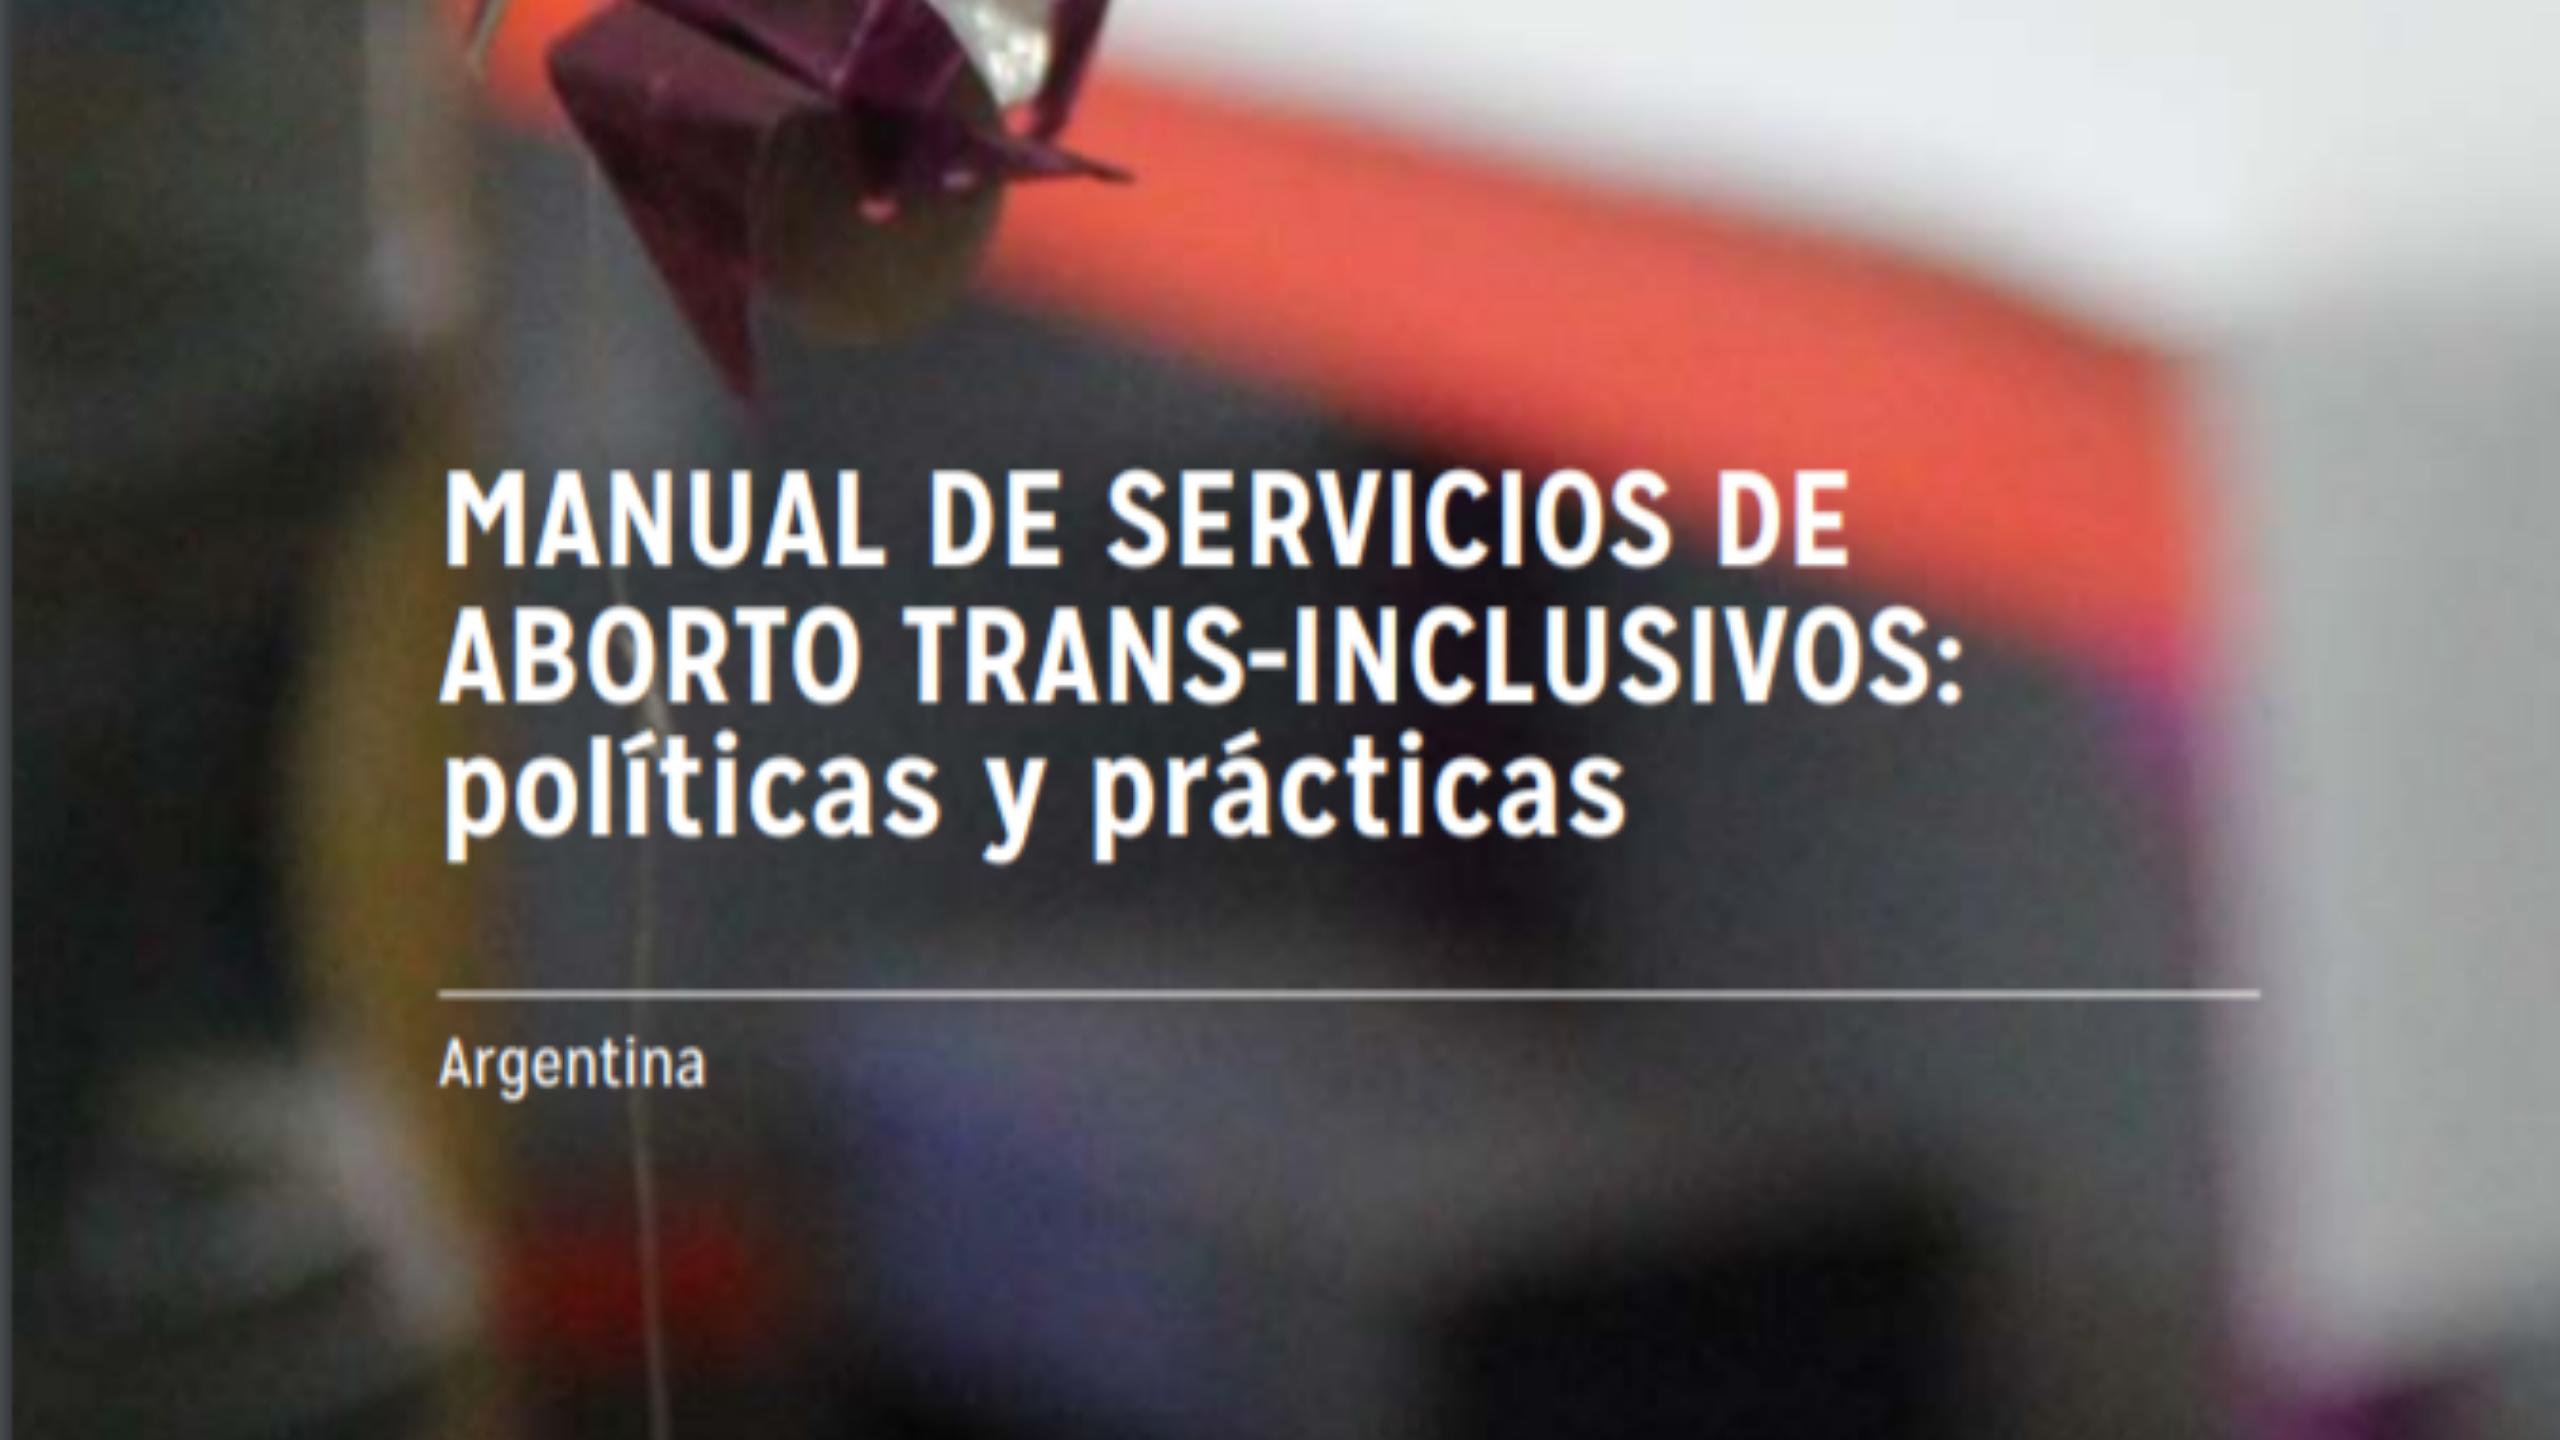 MANUAL DE SERVICIOS DE ABORTO TRANS-INCLUSIVOS Políticas Y Prácticas - Argentina